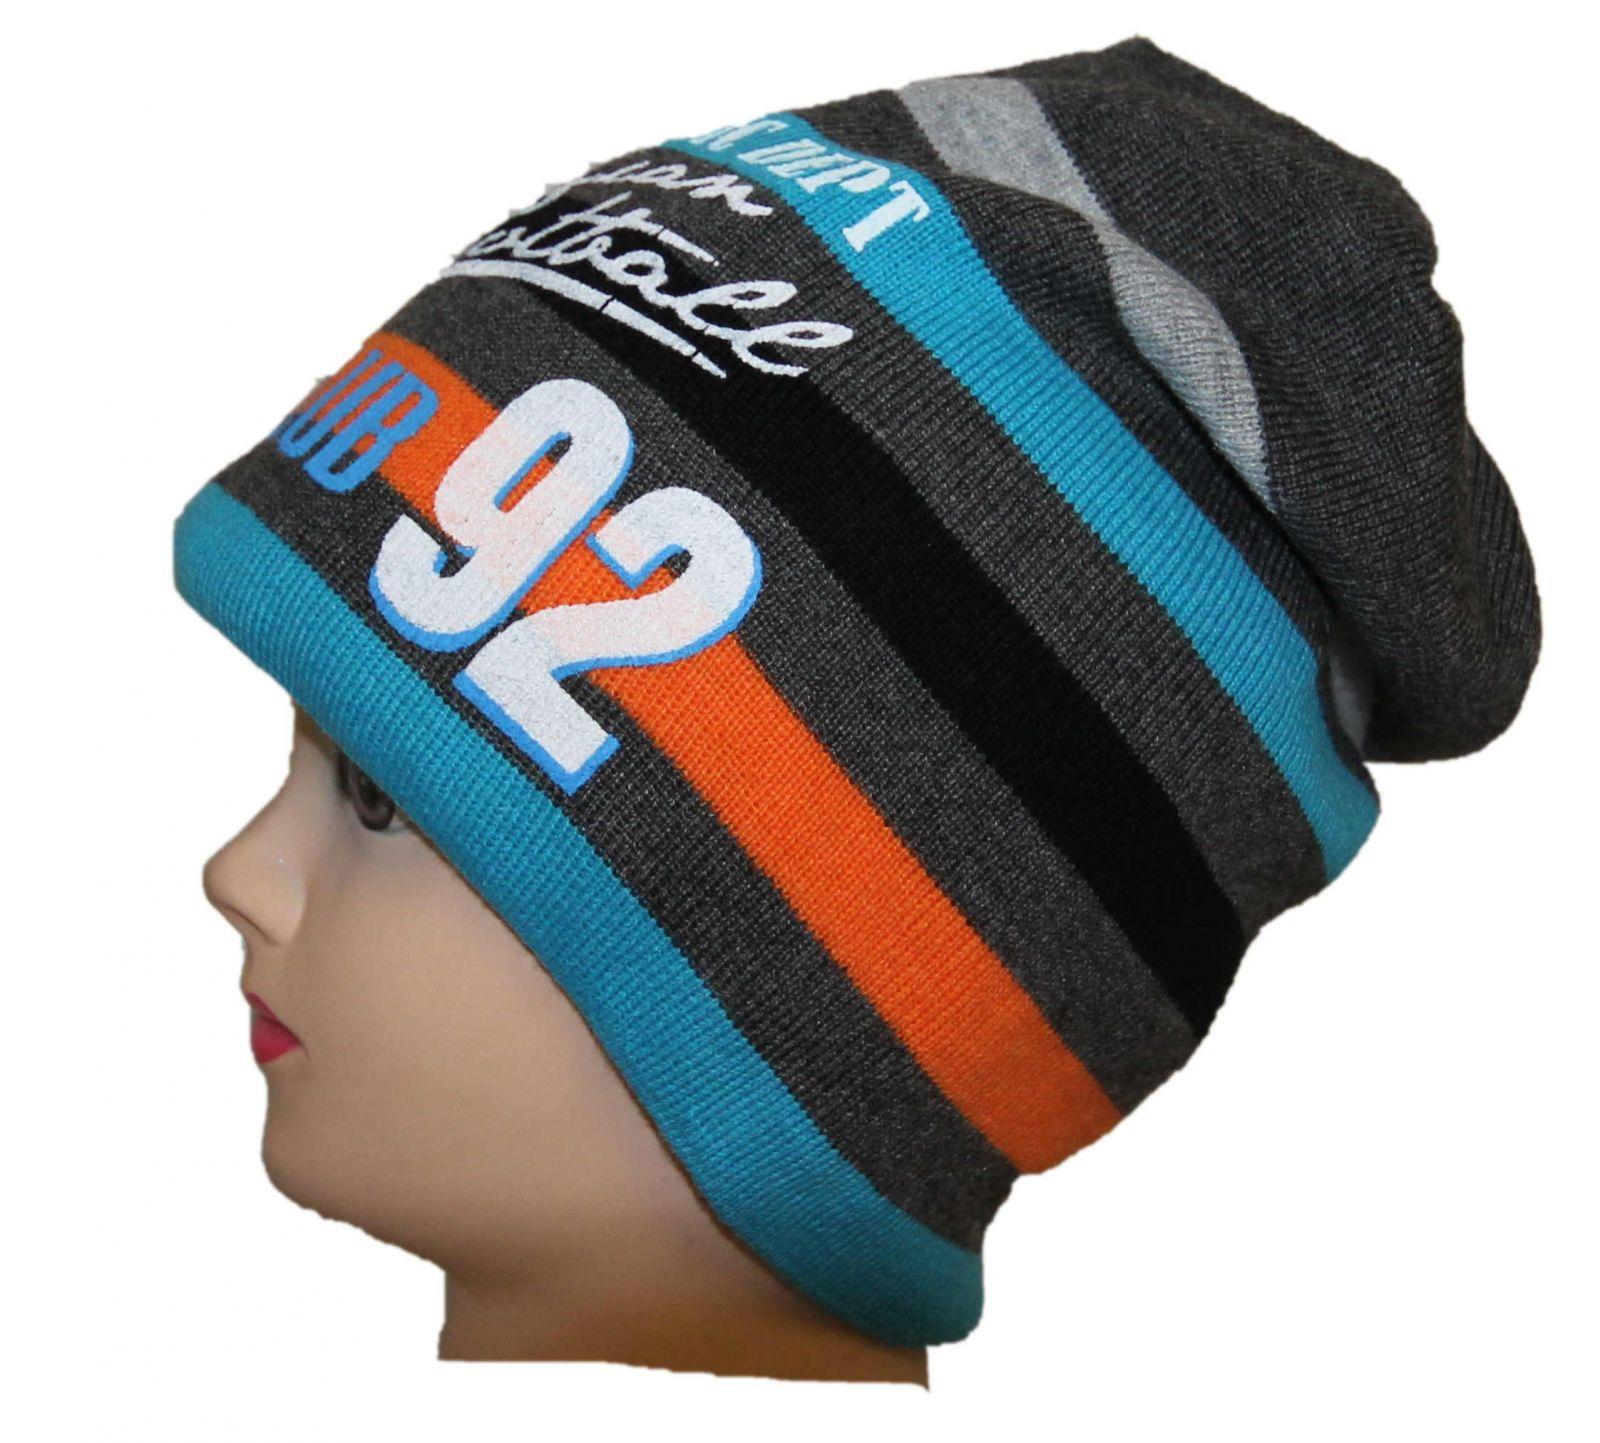 chlapecká čepice, pruhovaná čepice, zateplená čepice